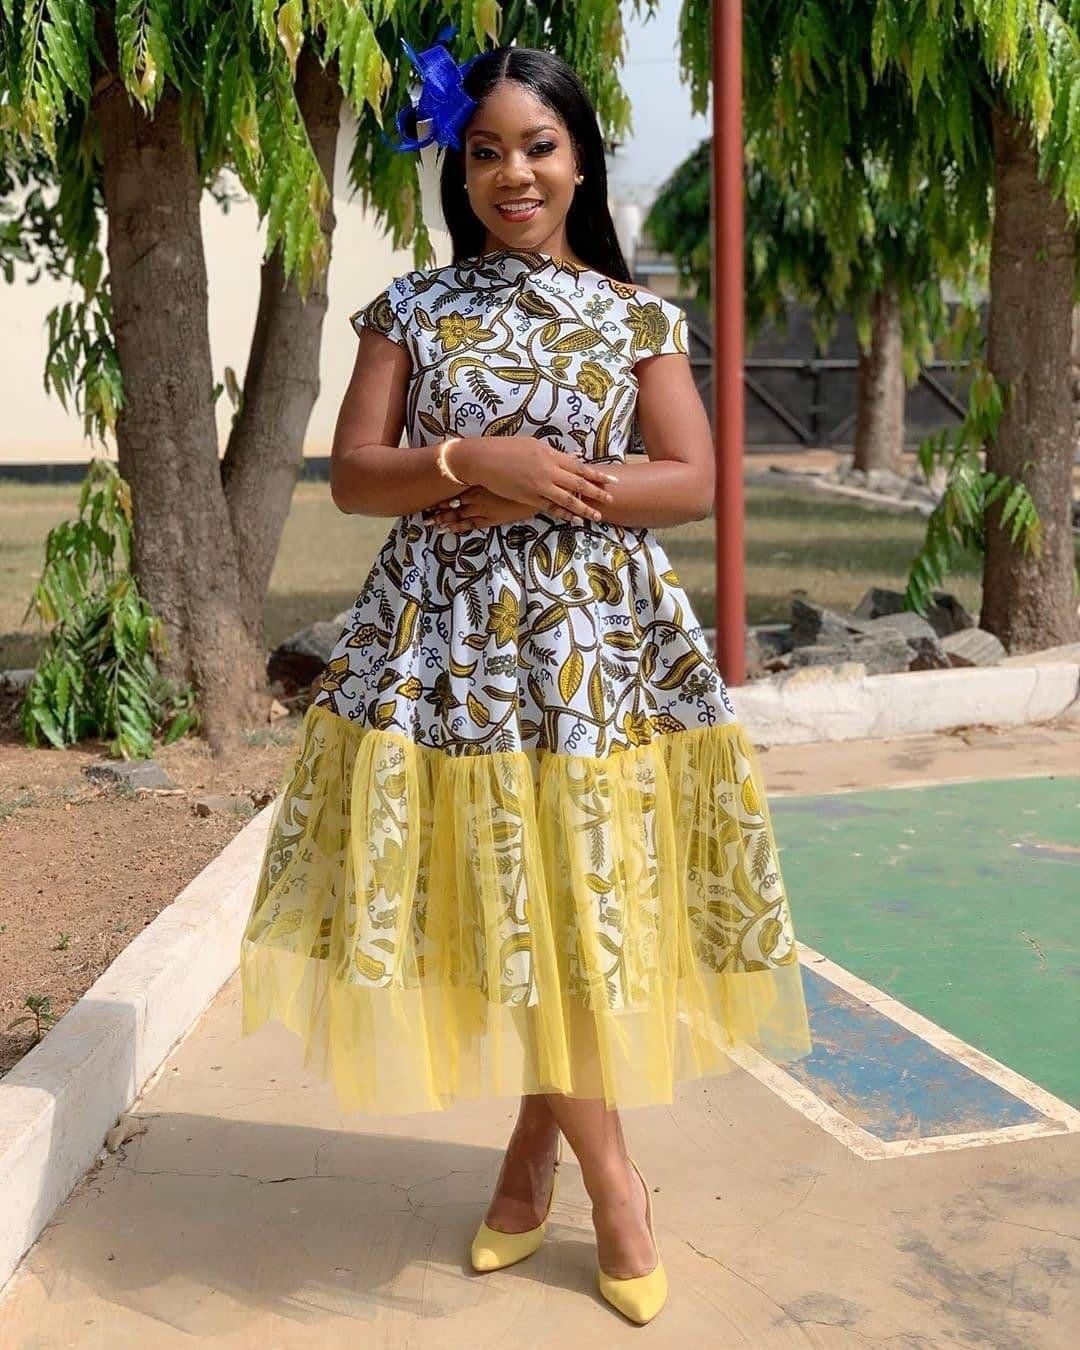 Africa clothing for women, women custom made dress, ankara dress, off shoulder dress, summer dress, dress, women clothing, flared dress